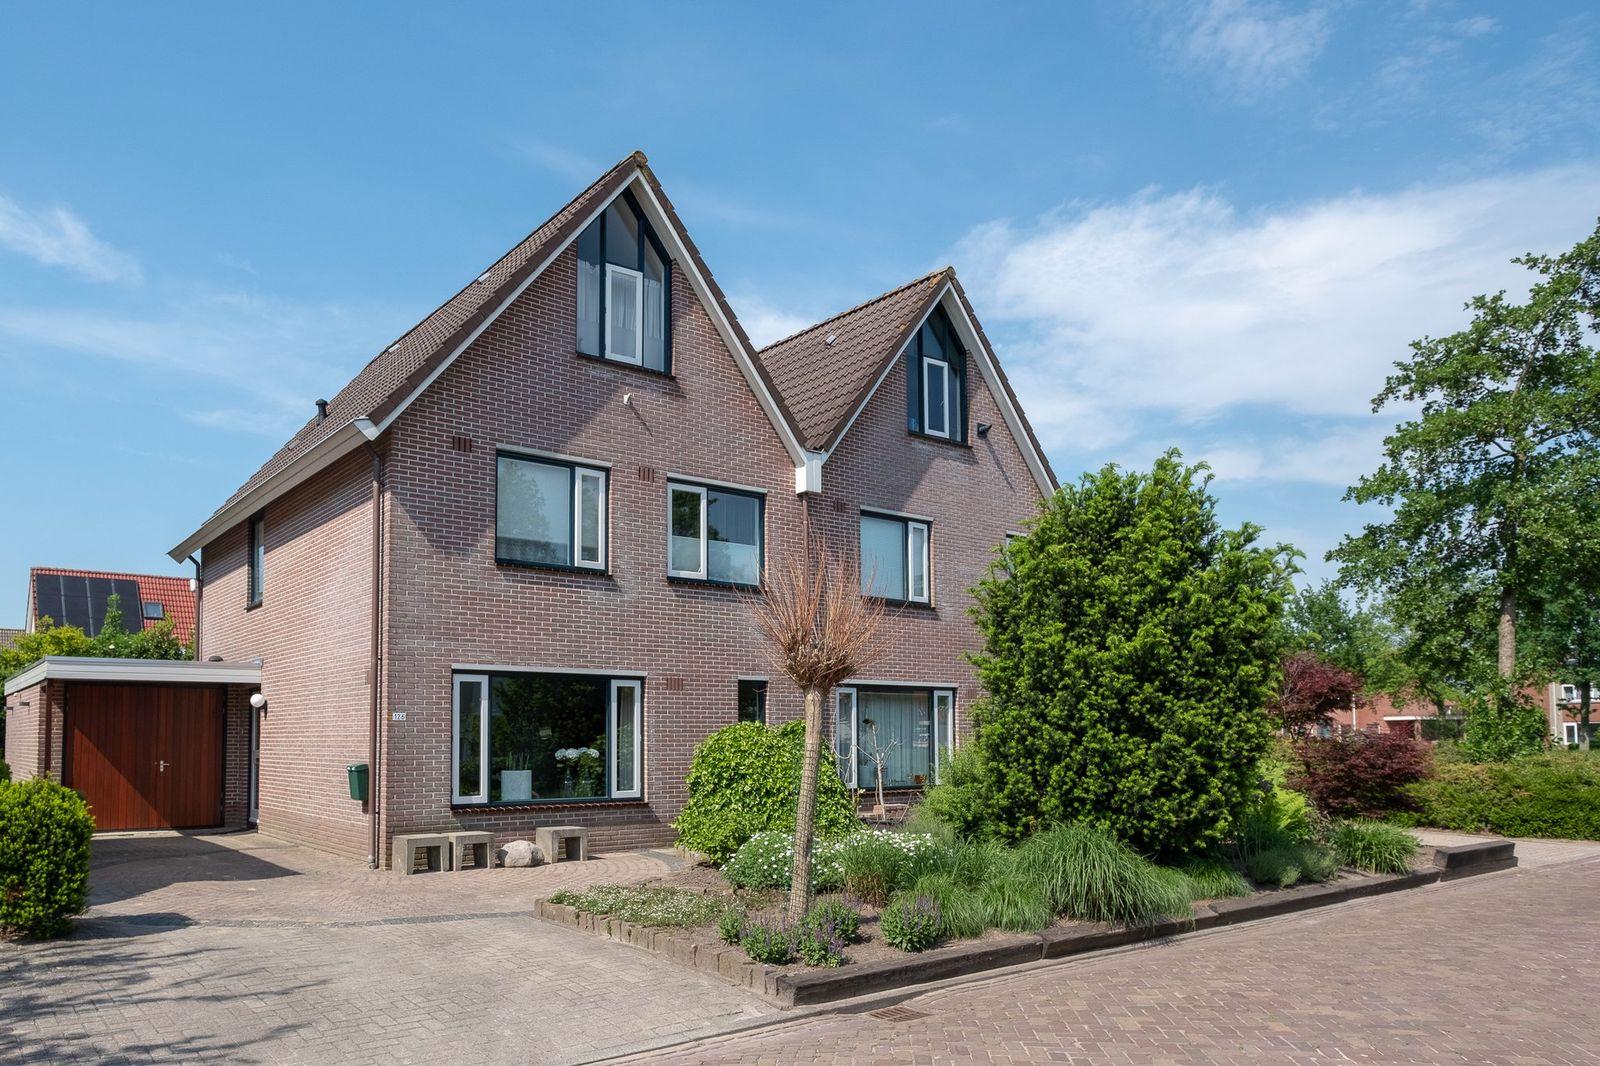 Boerhoorndreef 126, Assen